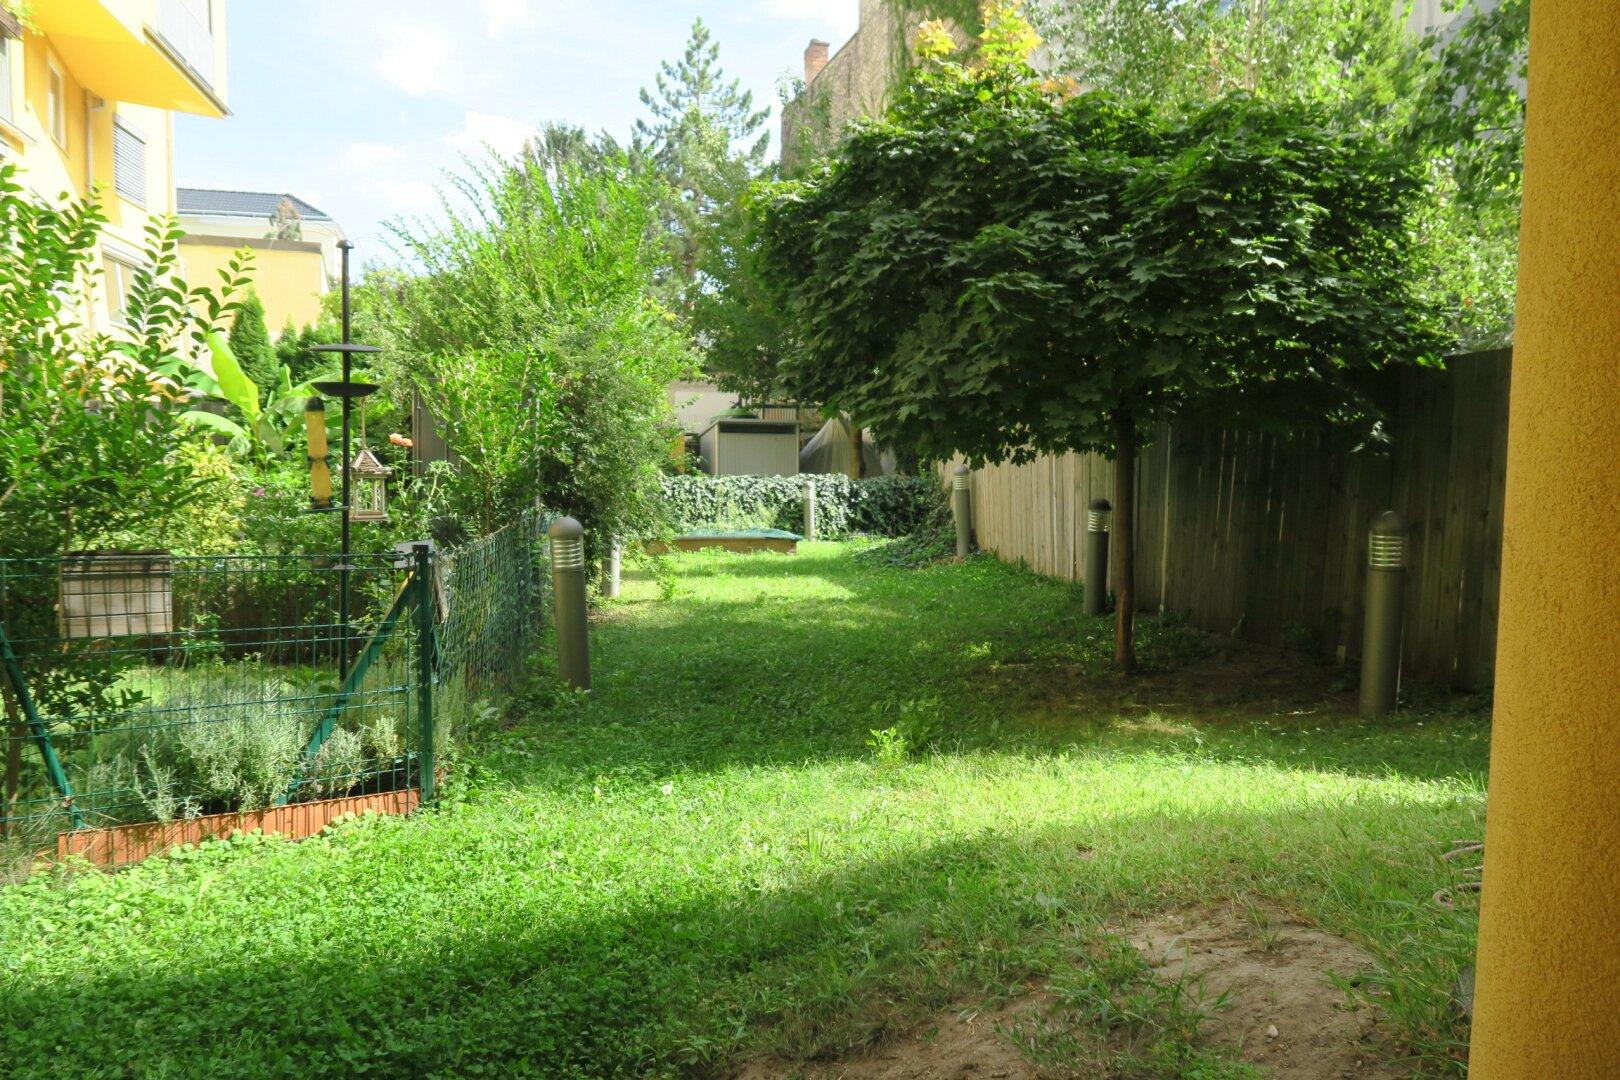 Allgemeiner Gartenbereich